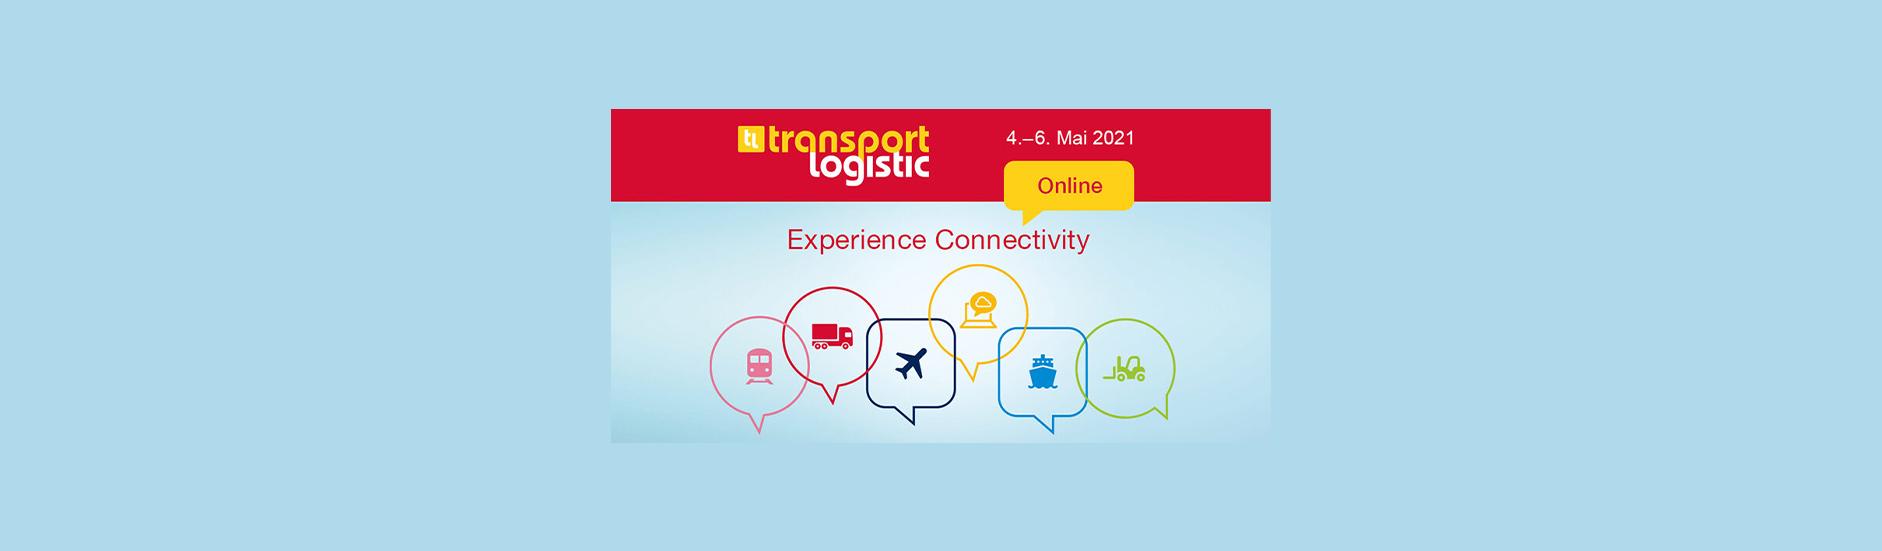 Transport Logistic Online 2021